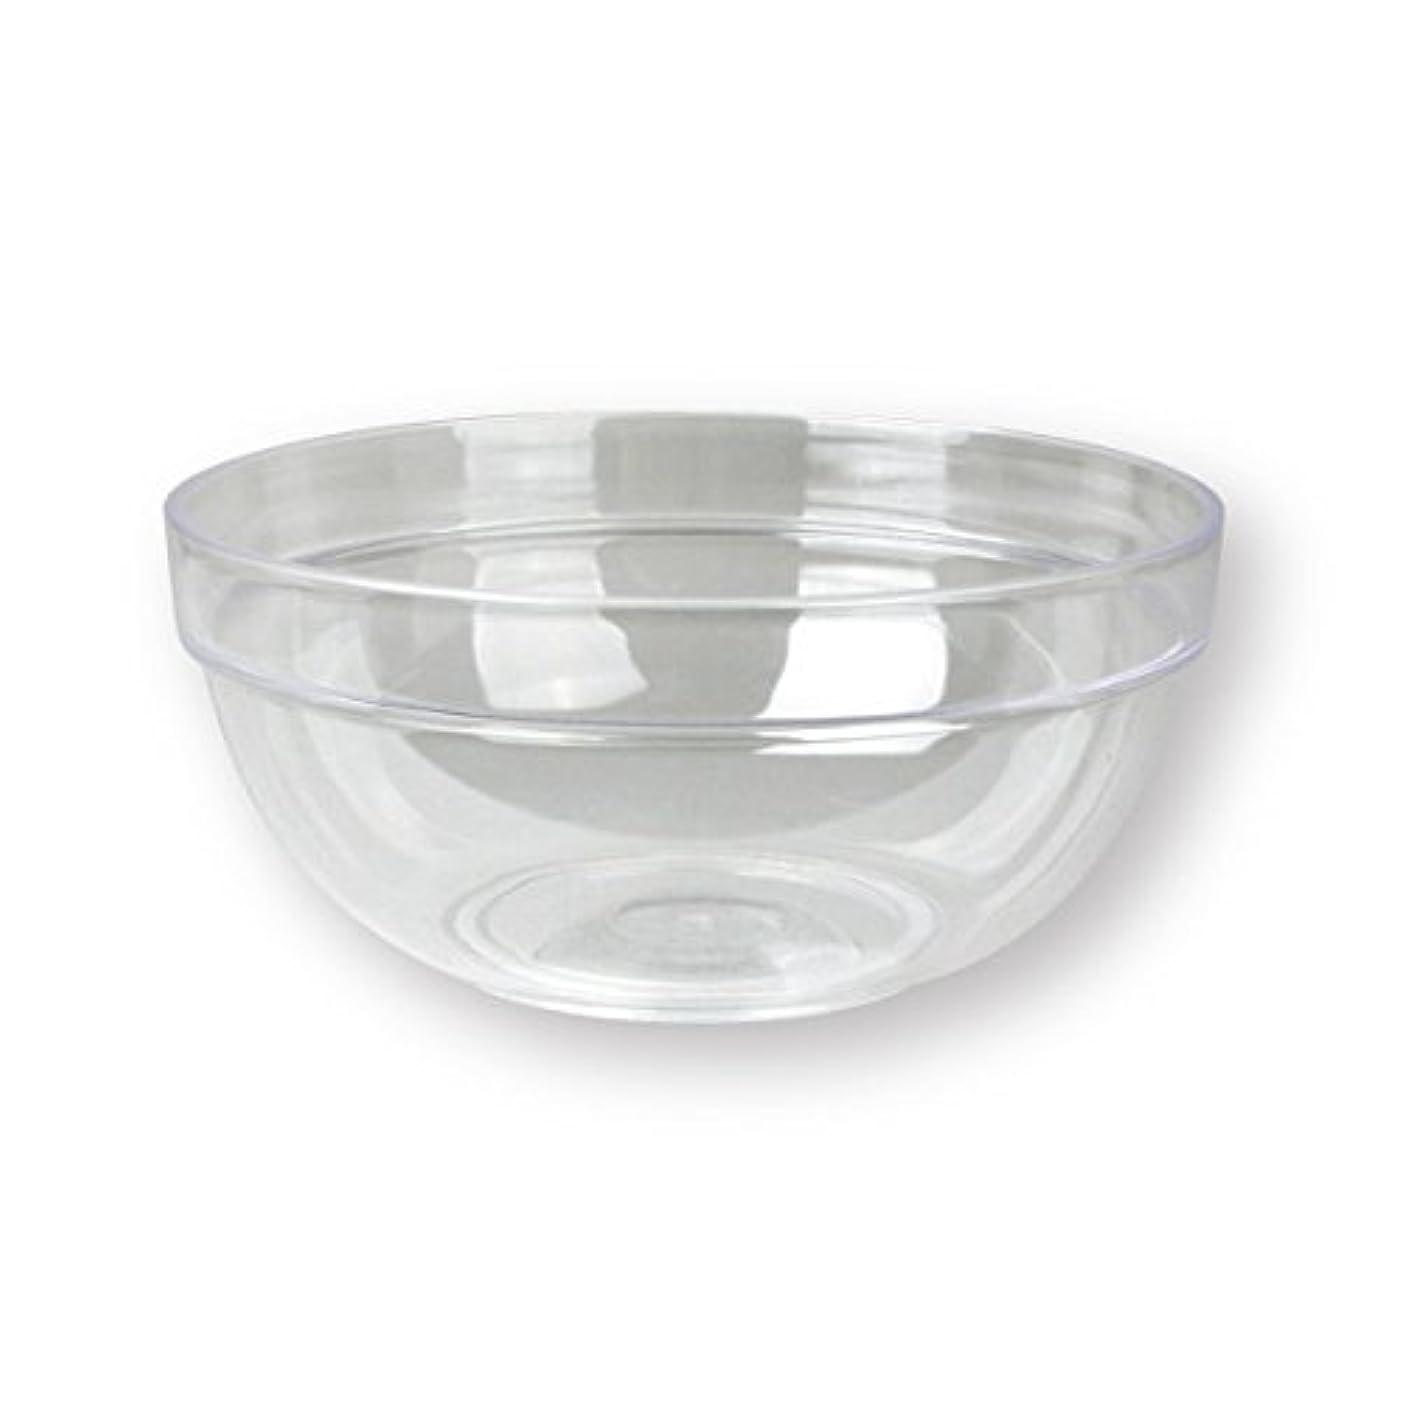 め言葉農学損傷4個セットプラスチックボール プラスチック ボウル カップクリア 直径20cm